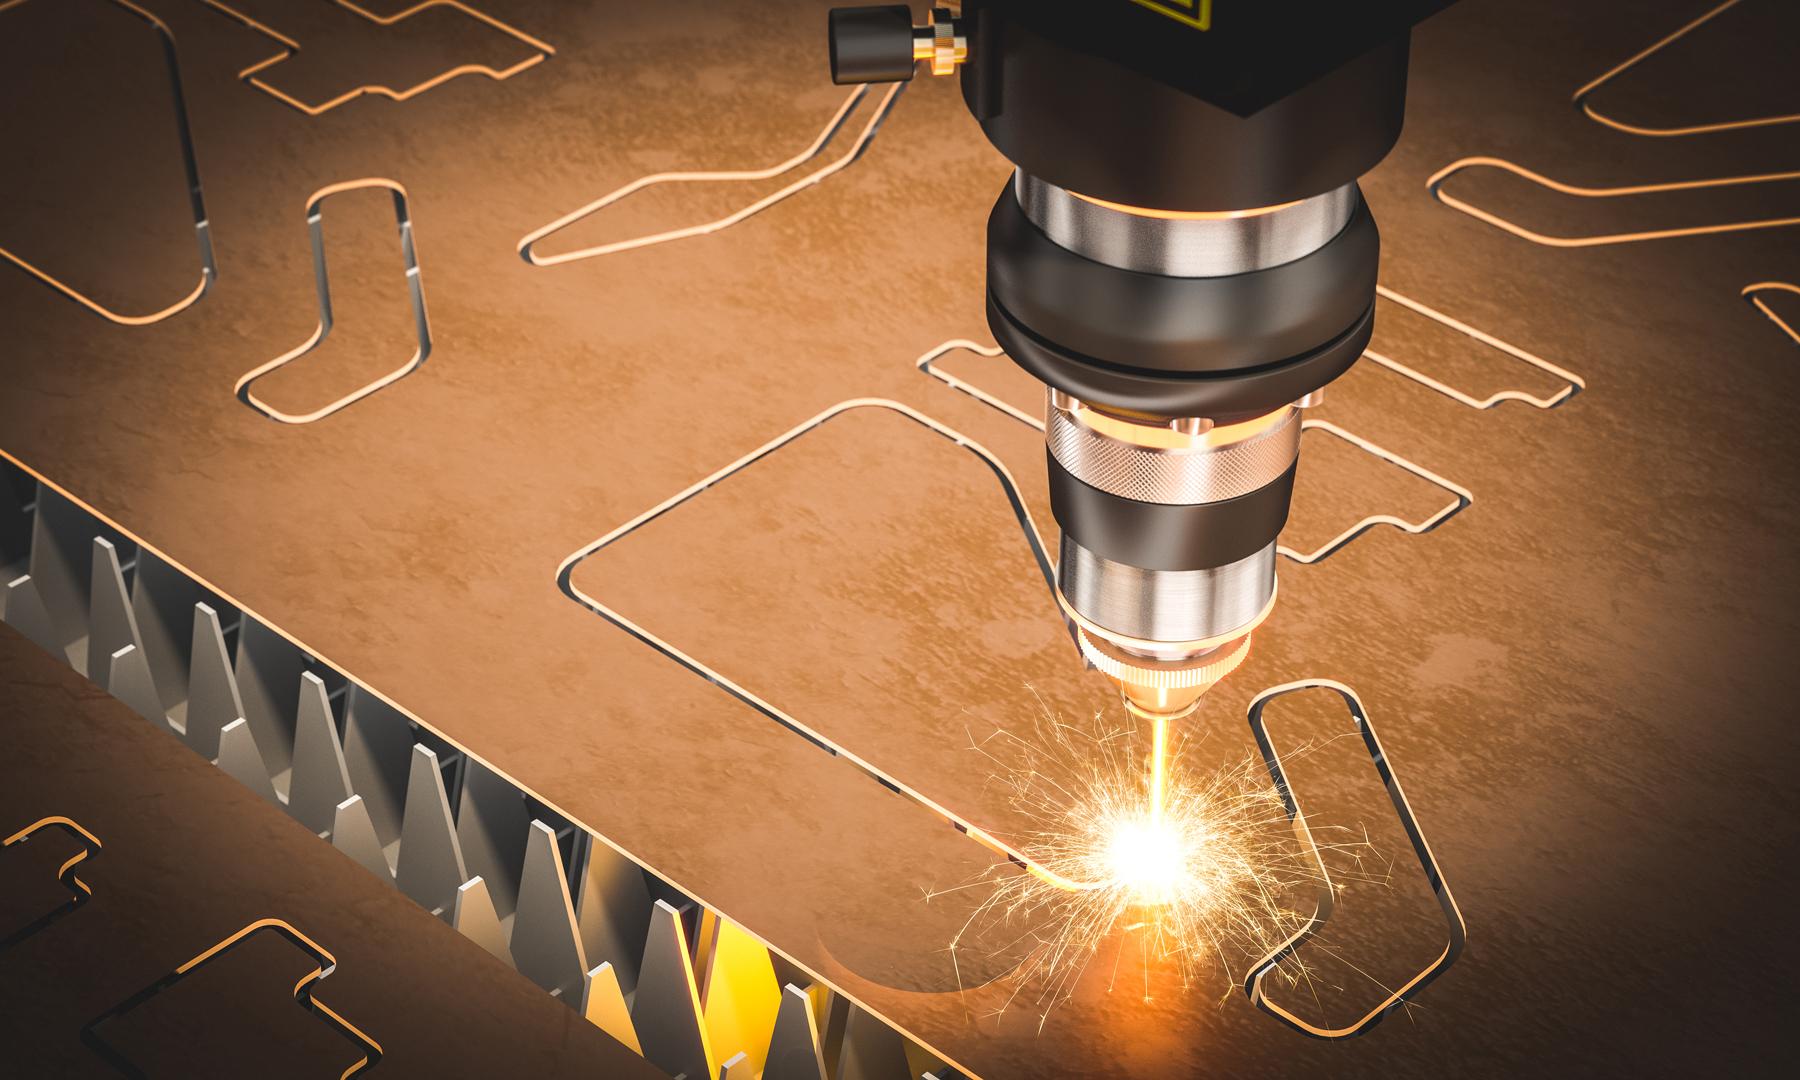 Cắt laser theo yêu cầu ở đâu giá rẻ, nhanh chóng?